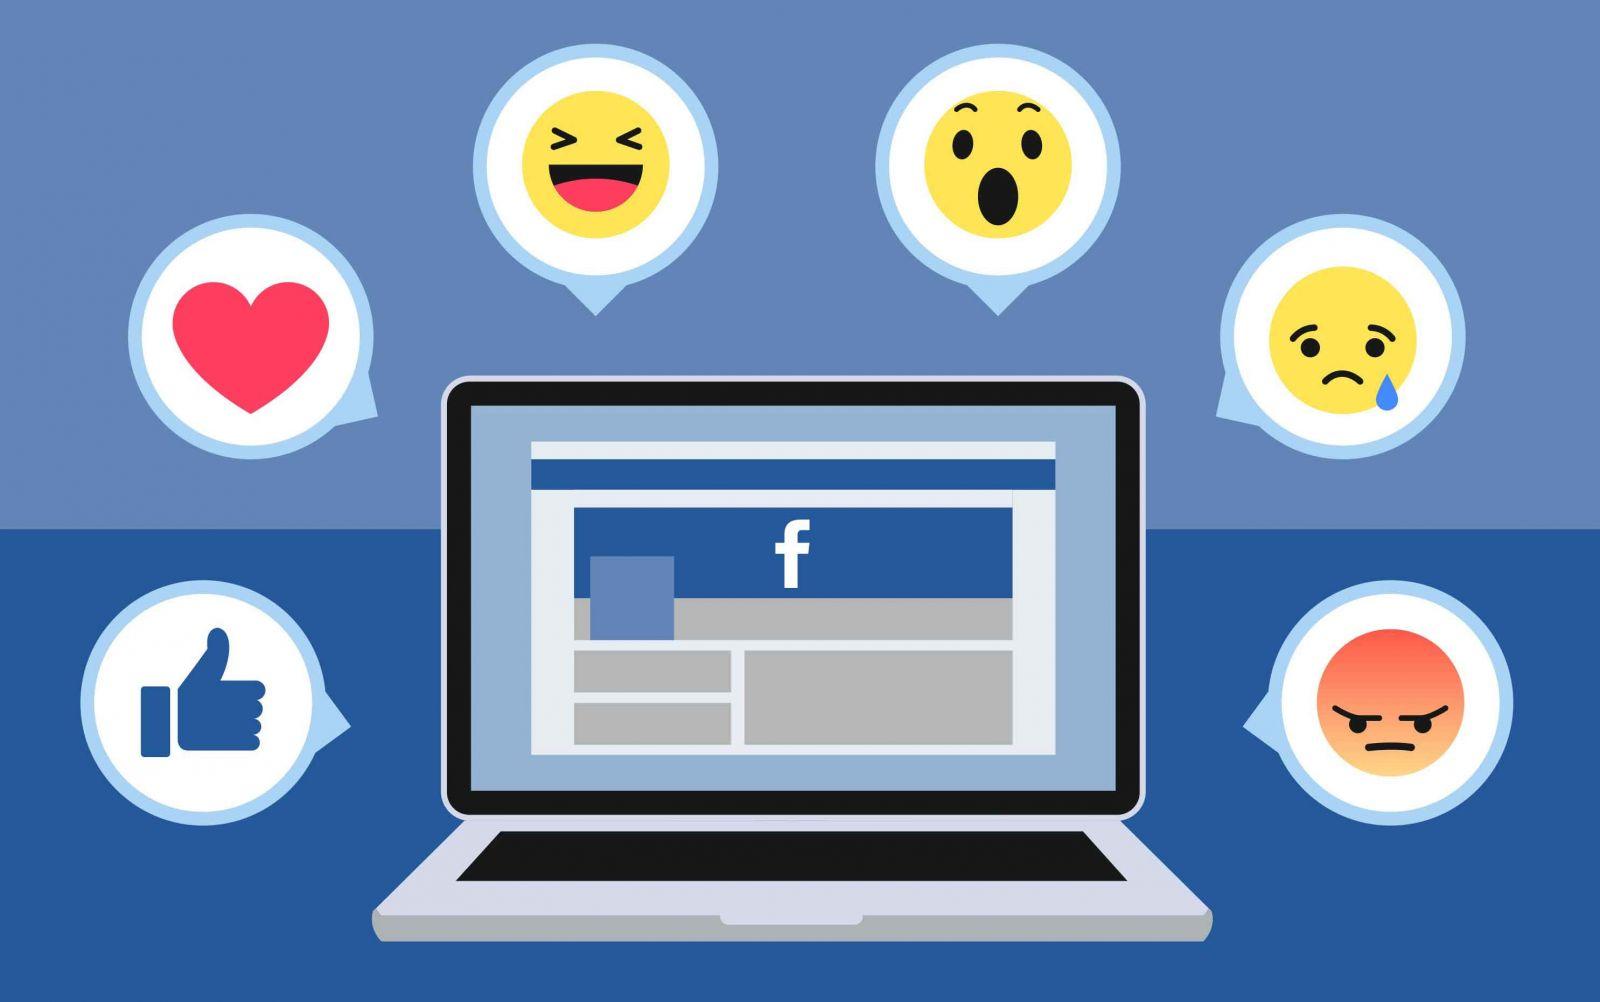 Sử dụng Facebook: Thiết lập vùng an toàn, tự bảo vệ trước cám dỗ từ mạng xã hội